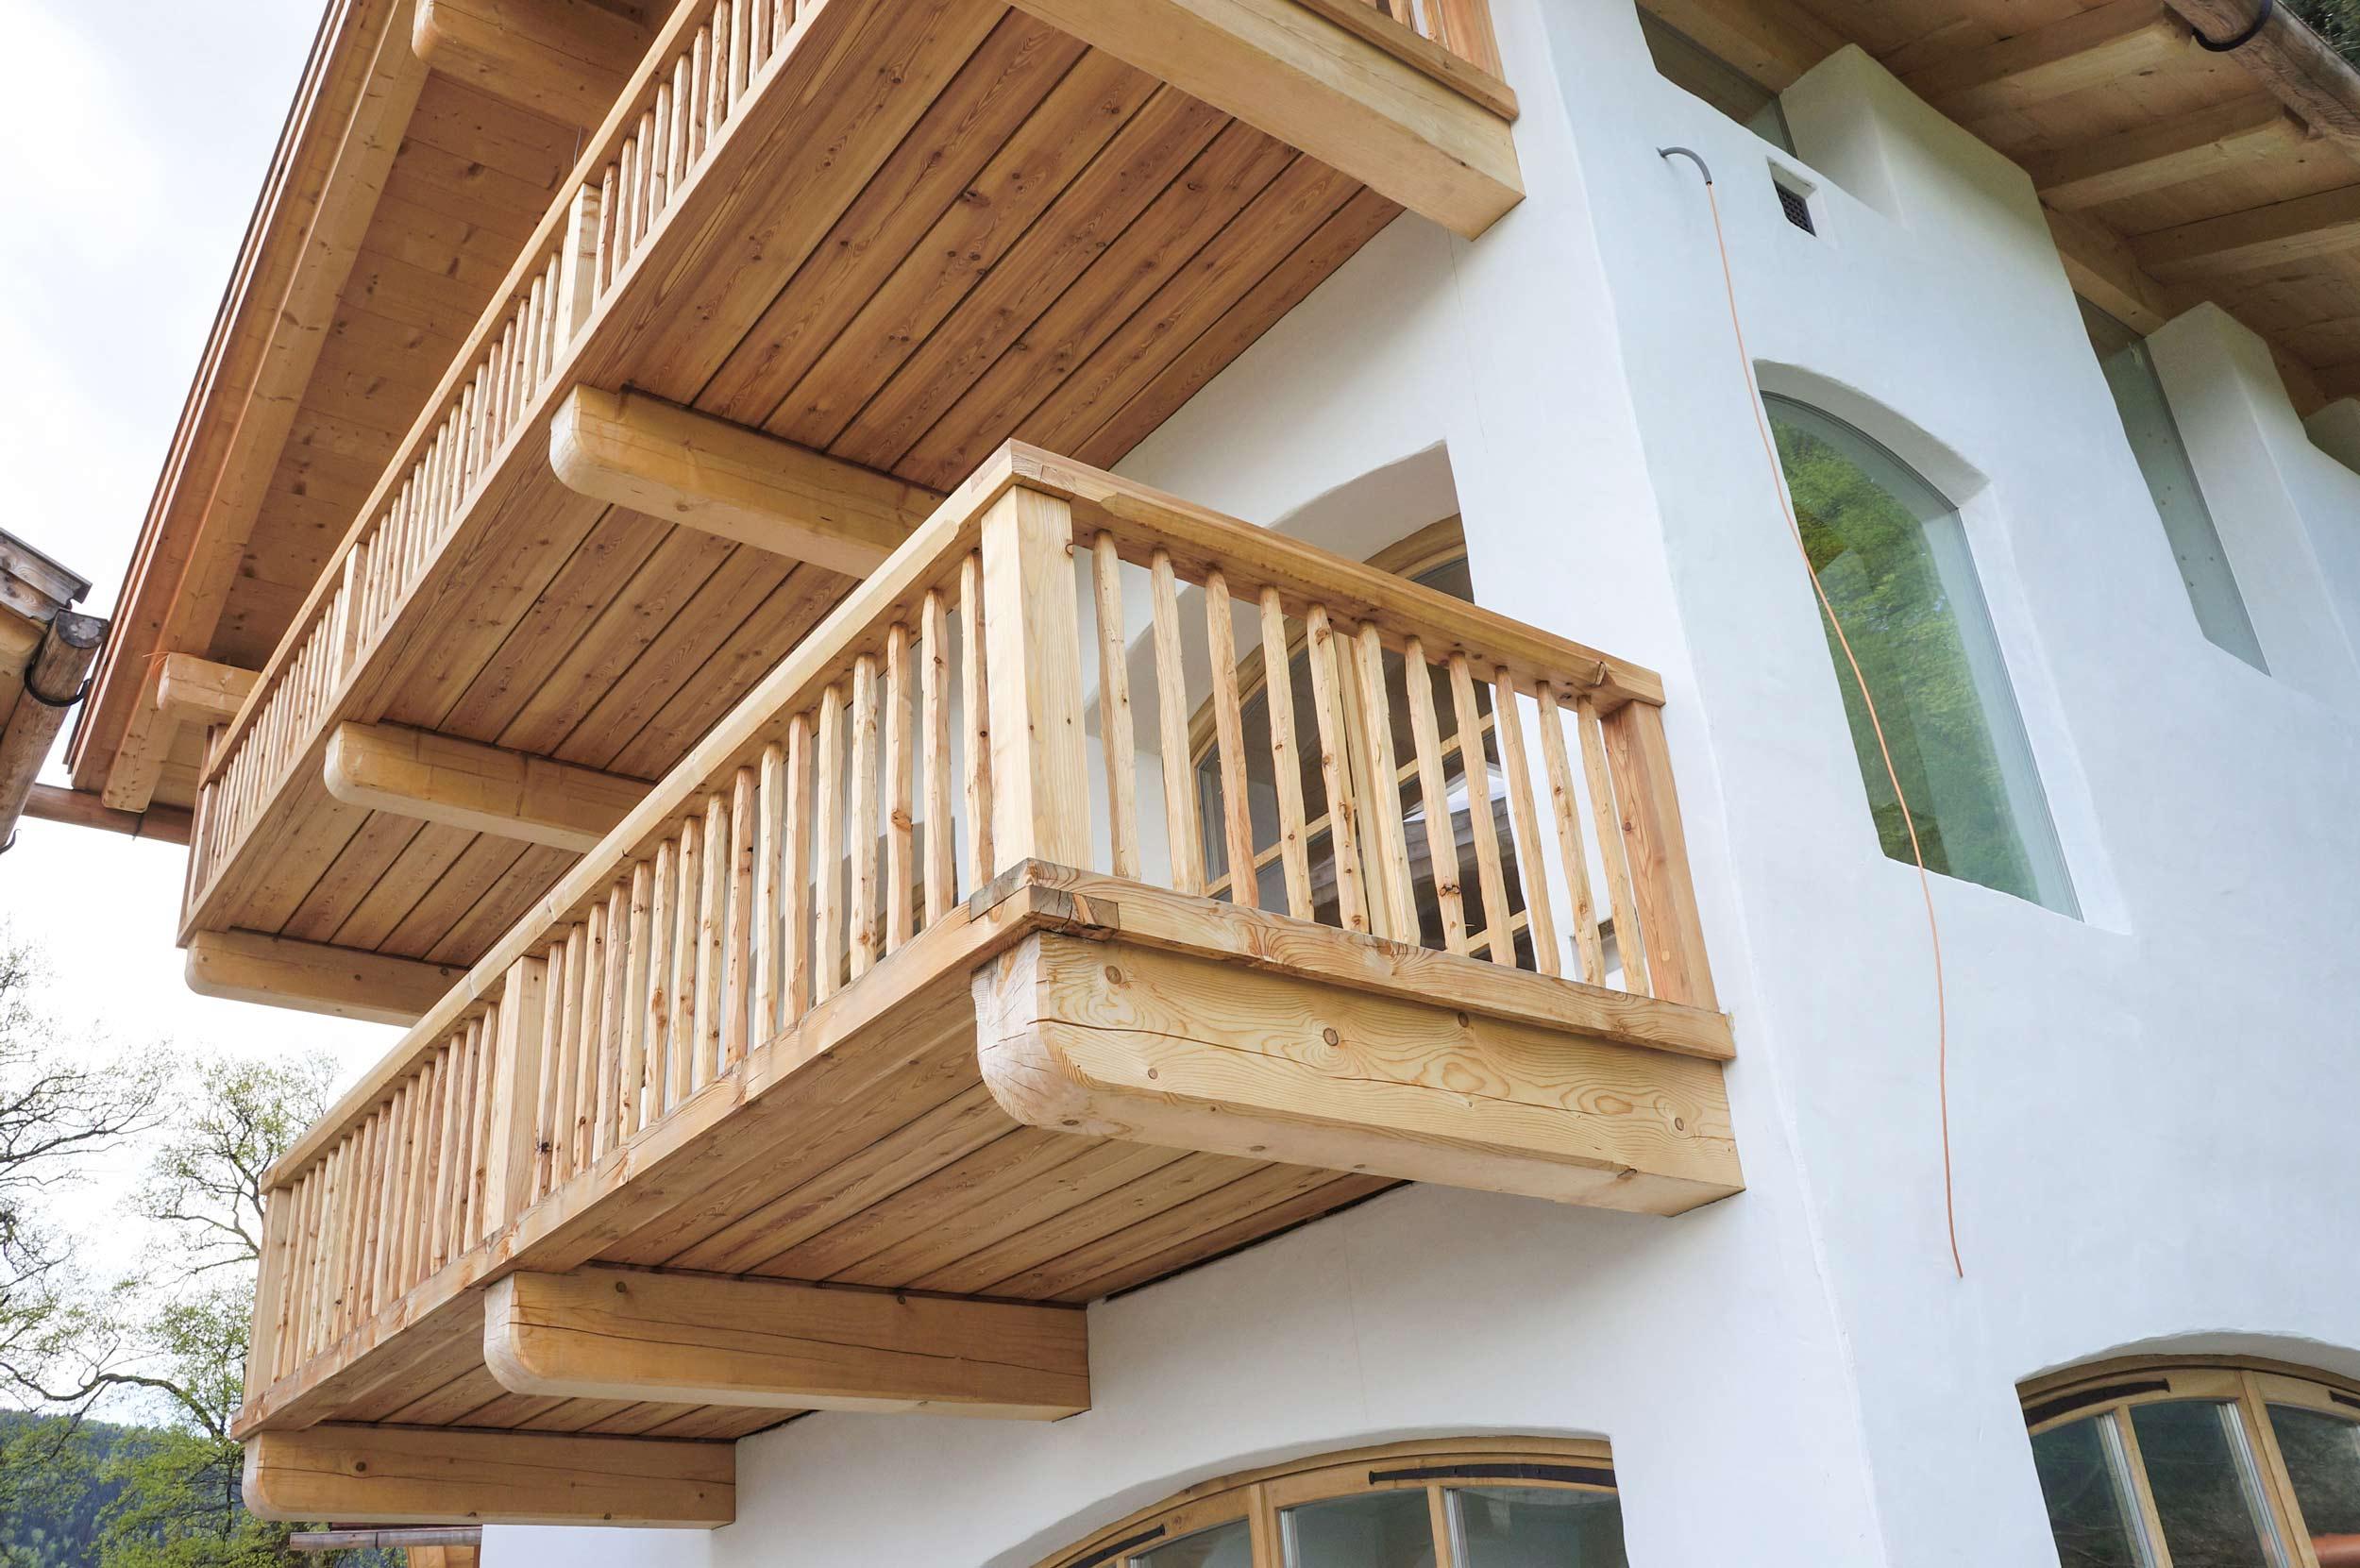 zimmerei-stoib-holzbau-holzhaus-tegernsee-bad-wiessee-balkon-dachstuhl-03.jpg